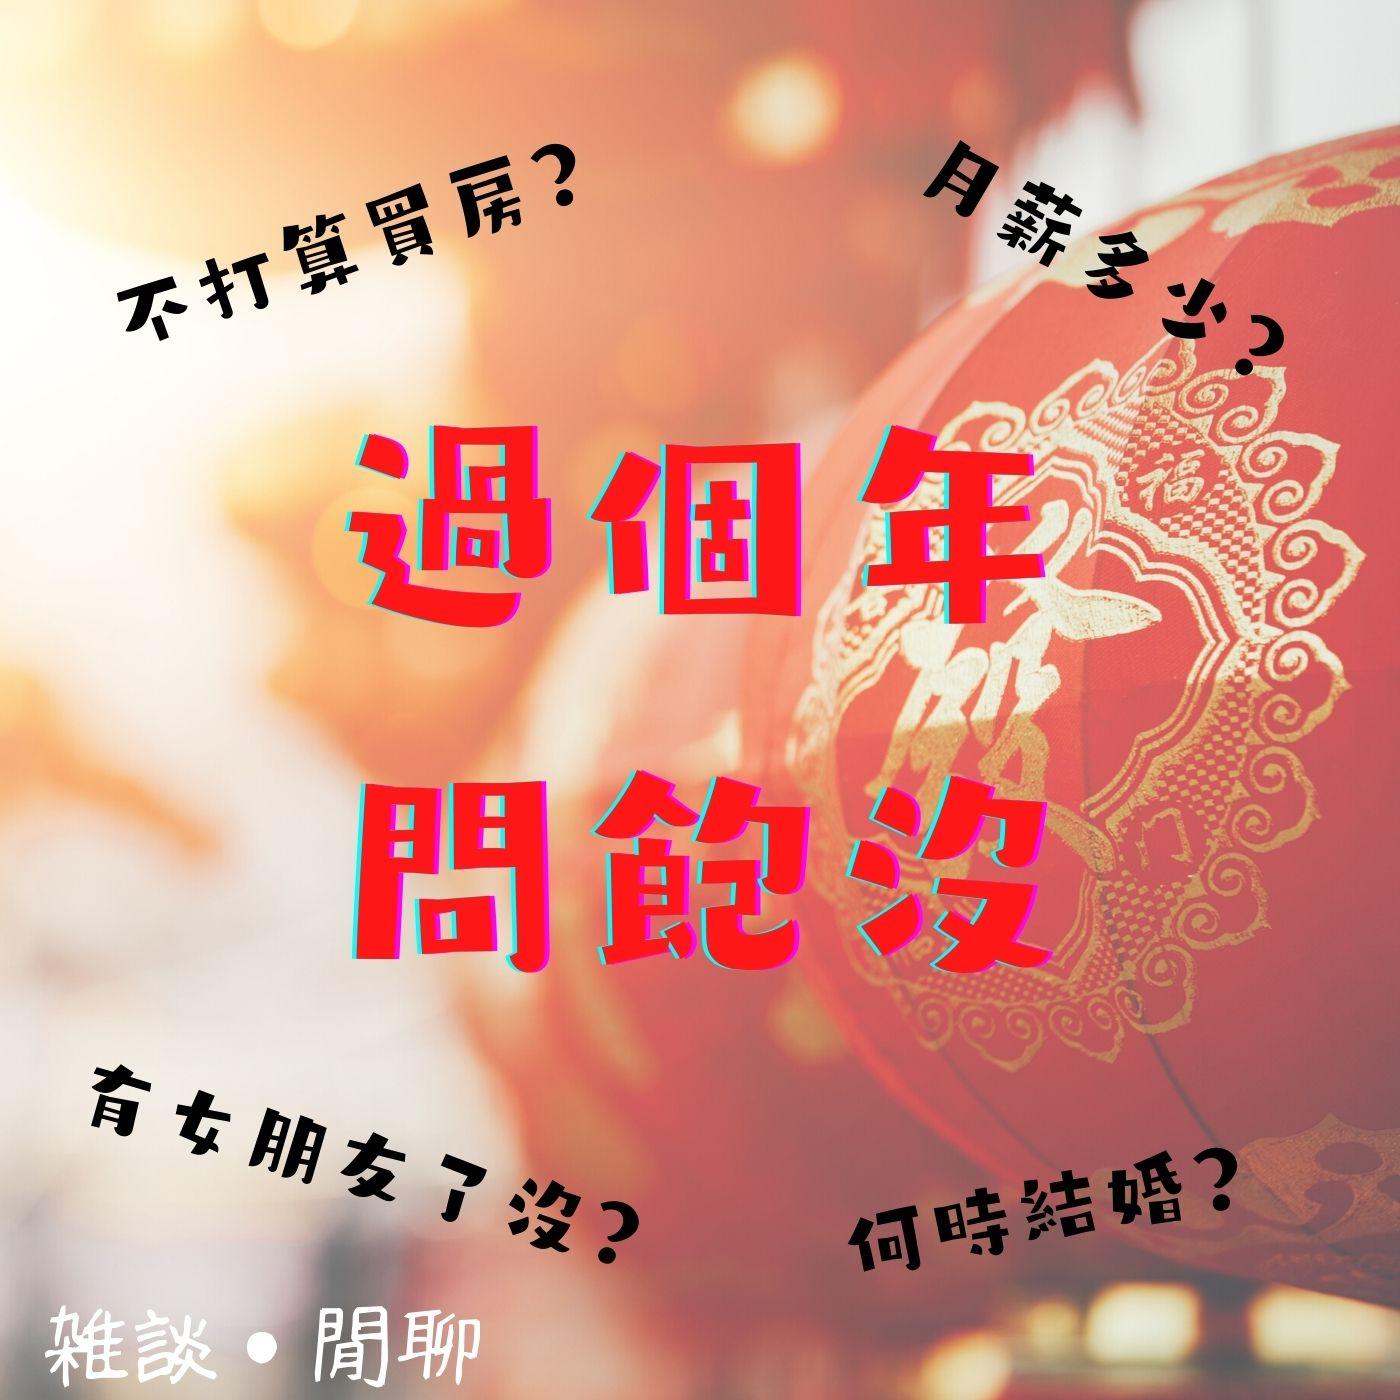 EP16 - (CH)【雑談・閒聊】只想過個好年,親戚們你們問夠沒?